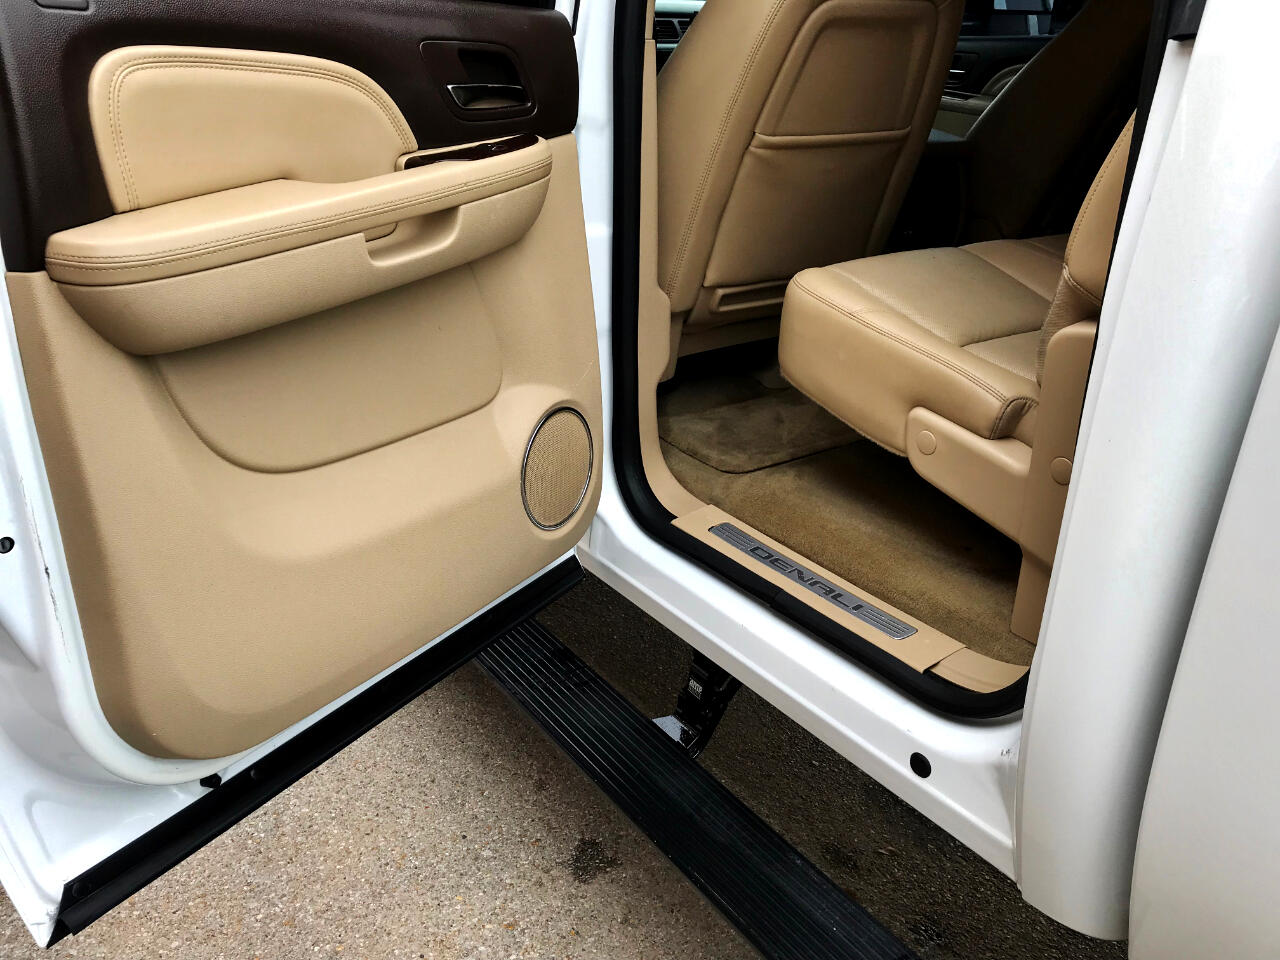 2014 GMC Sierra 2500HD DENALI CREW CAB SHORT BED 4WD CUSTOM LIFTED